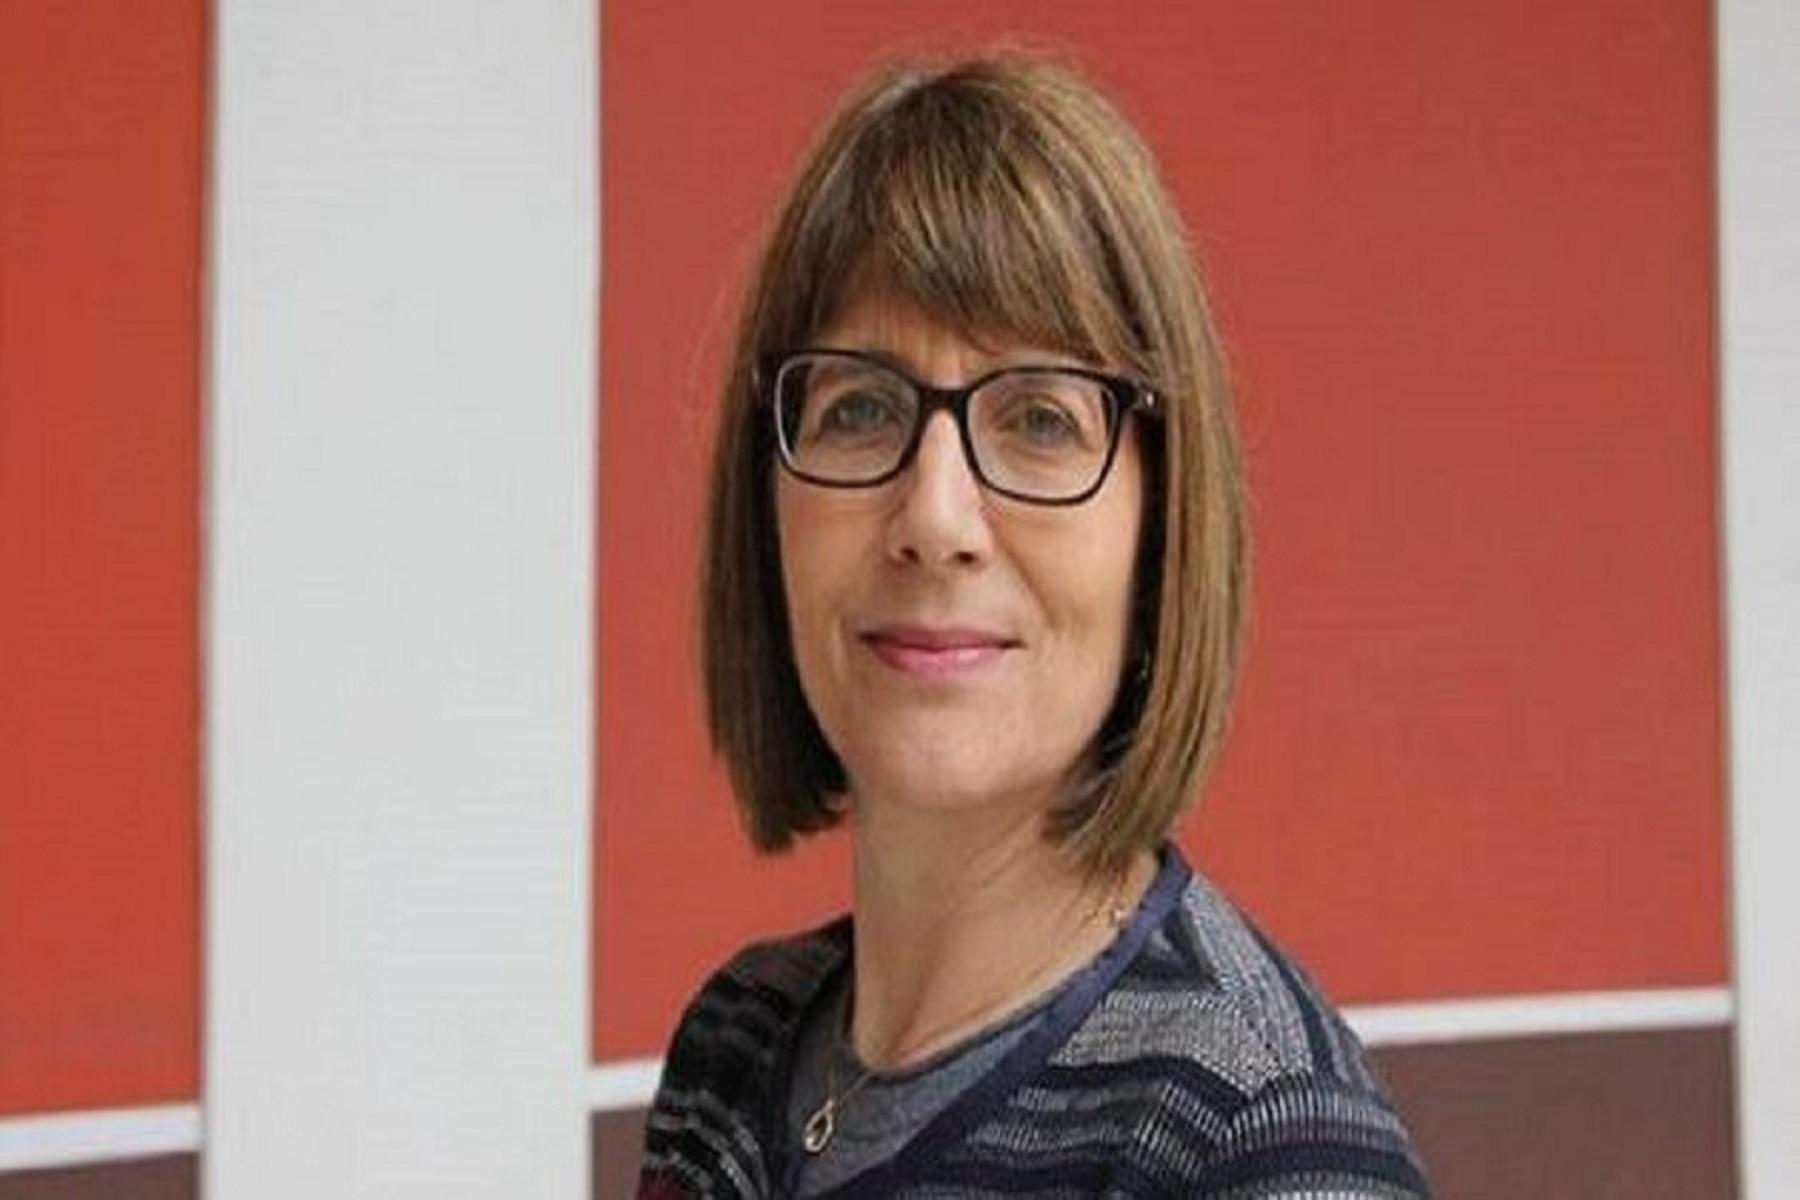 Μαρία Τσολιά: Σύσταση να αναβάλουν για 3 μήνες τον εμβολιασμό όσοι έχουν ήδη νοσήσει